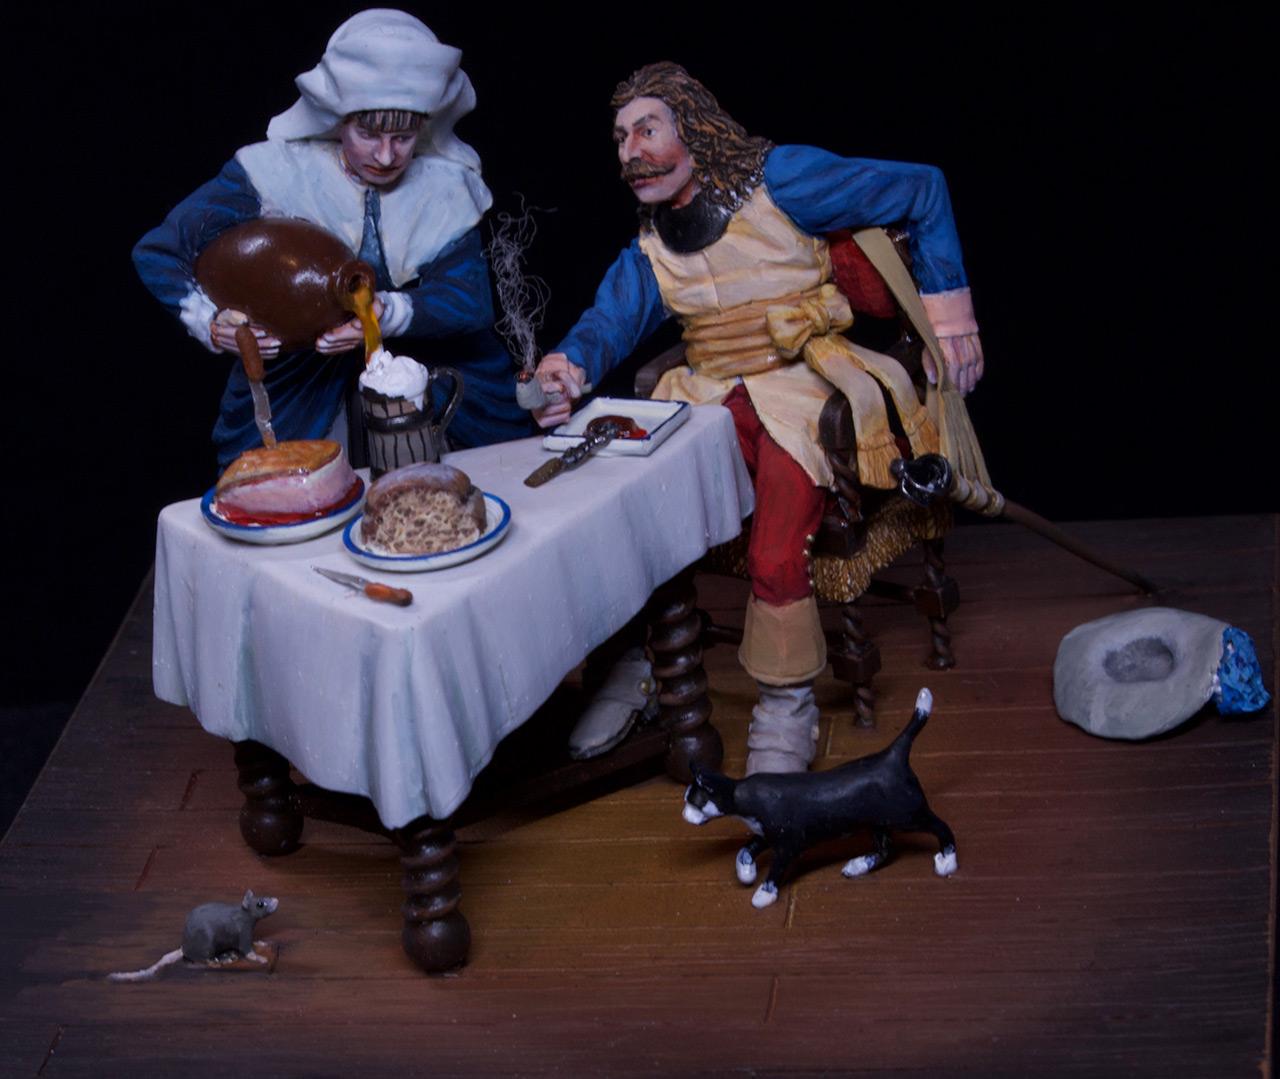 Диорамы и виньетки: Горничная и кавалер за столом, фото #6